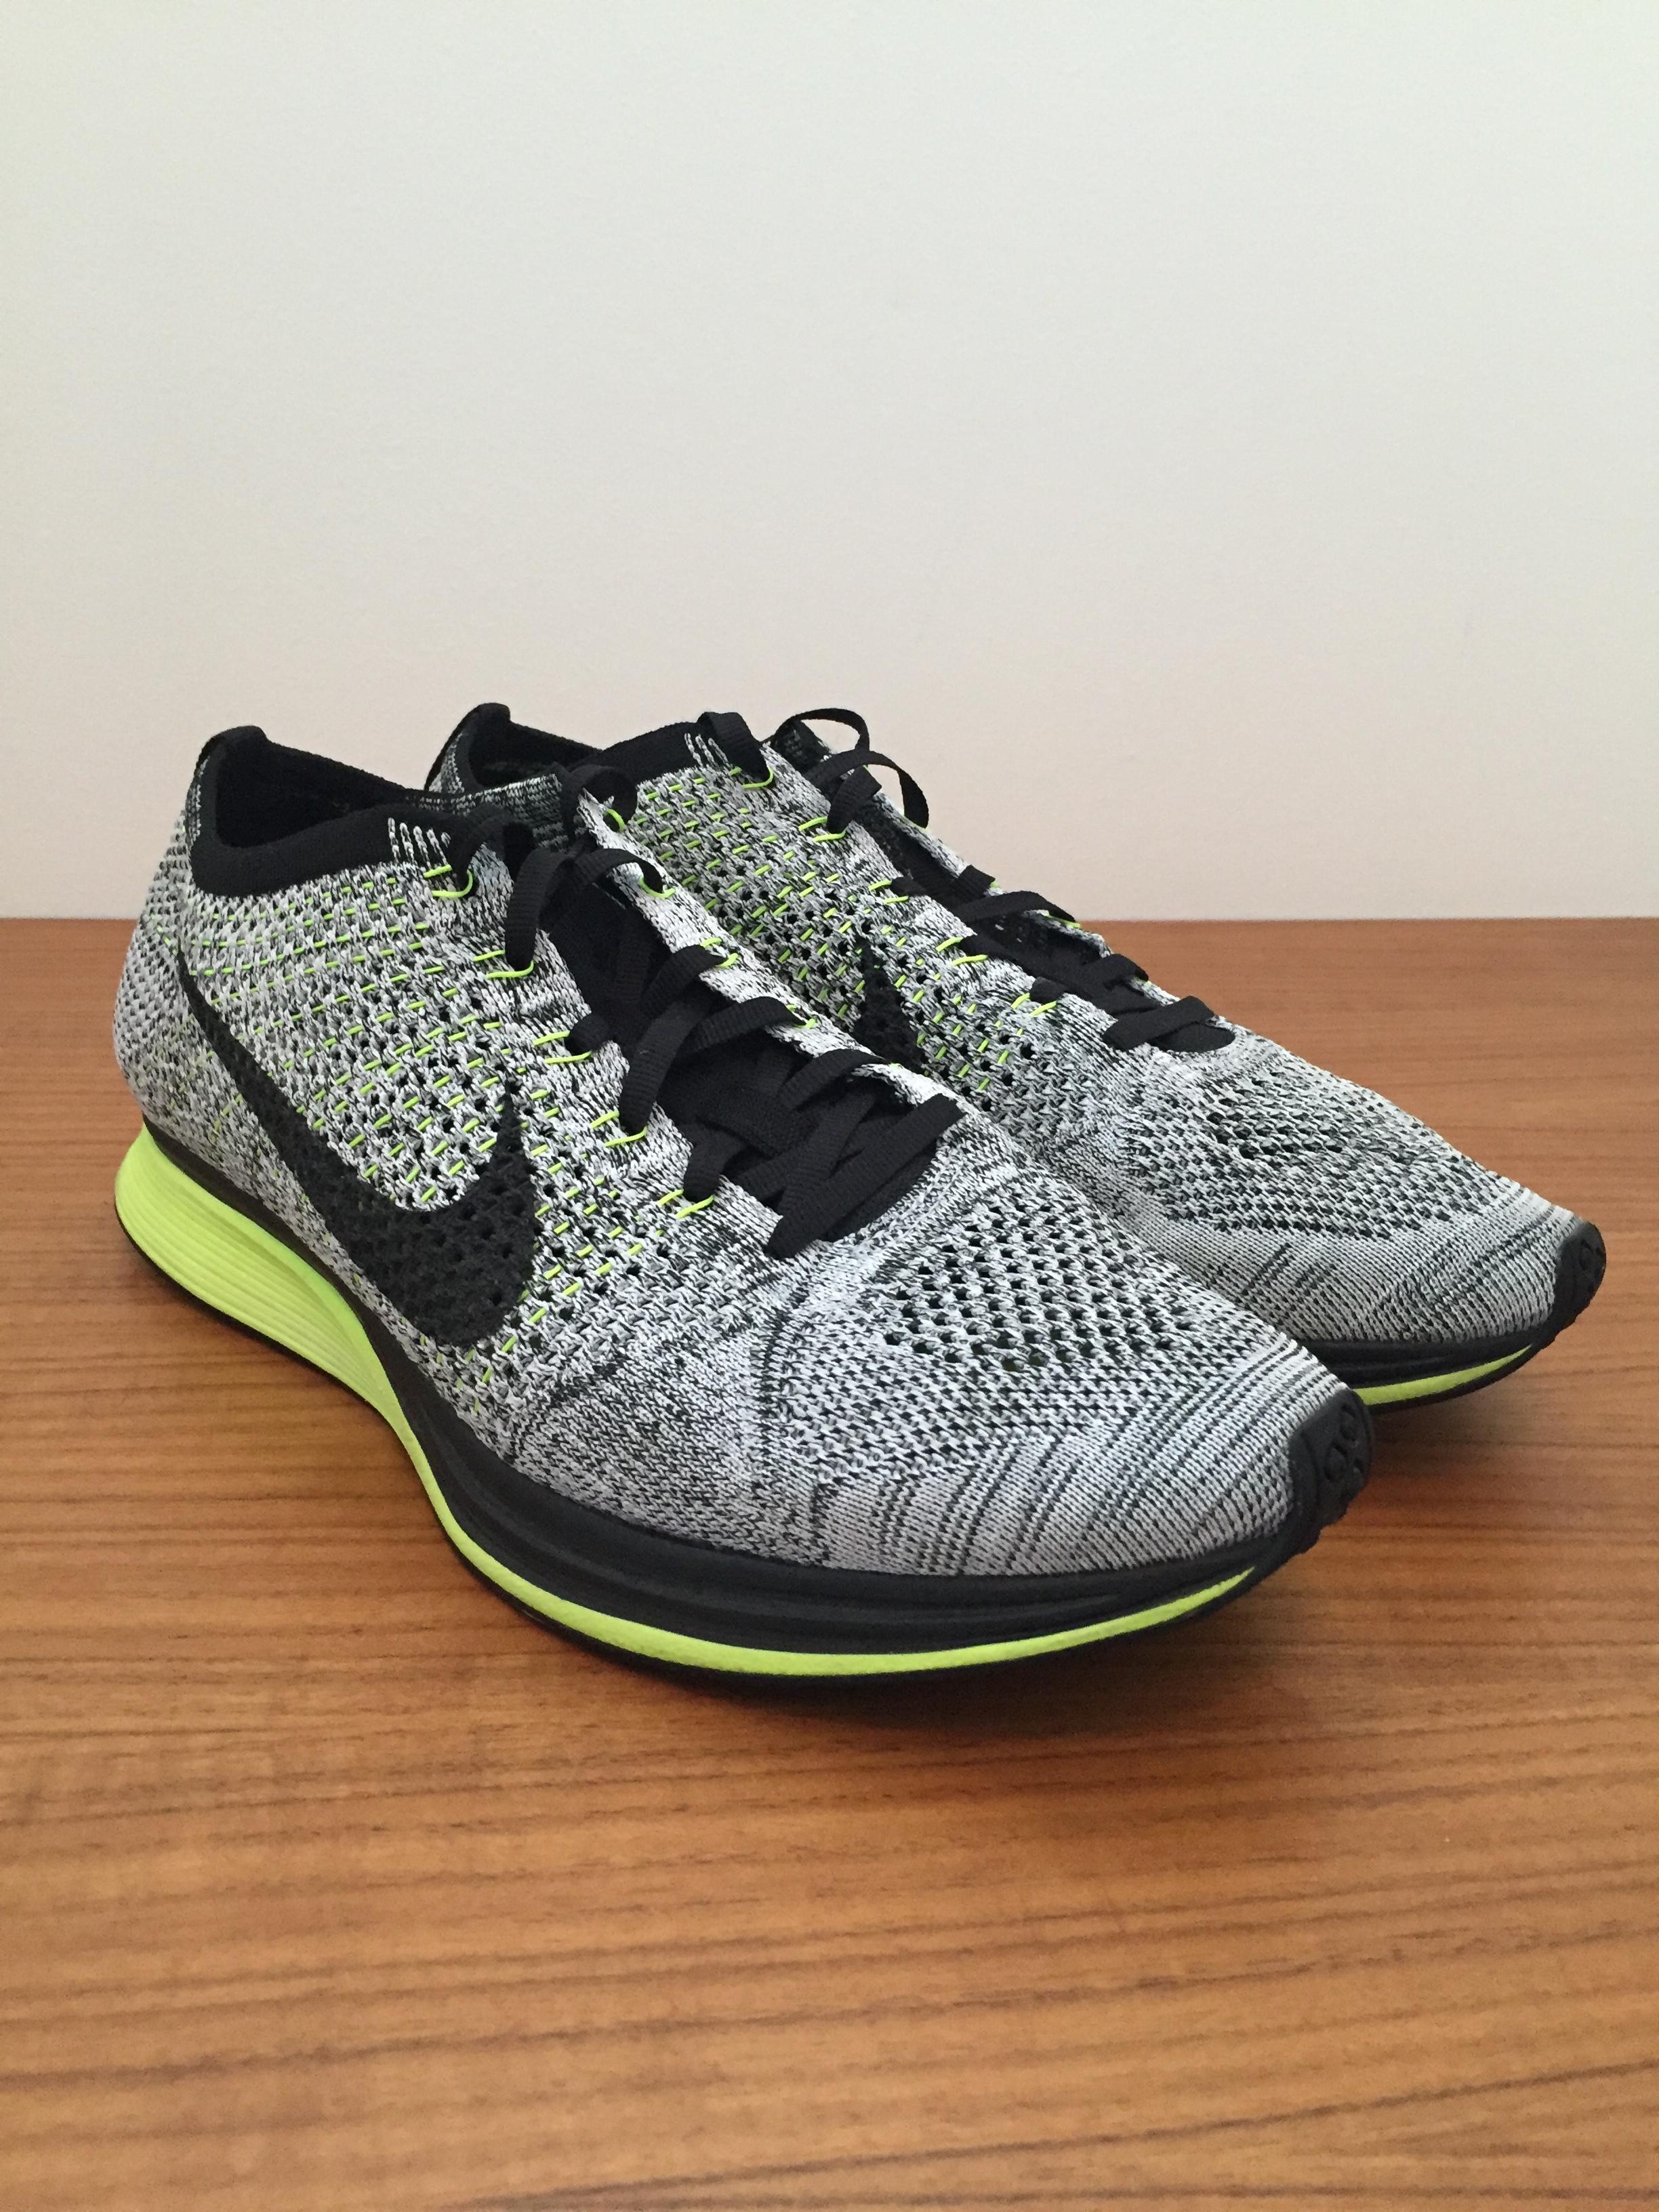 official photos e8efd 26c85 Nike ×. Flyknit Racer Oreo Volt